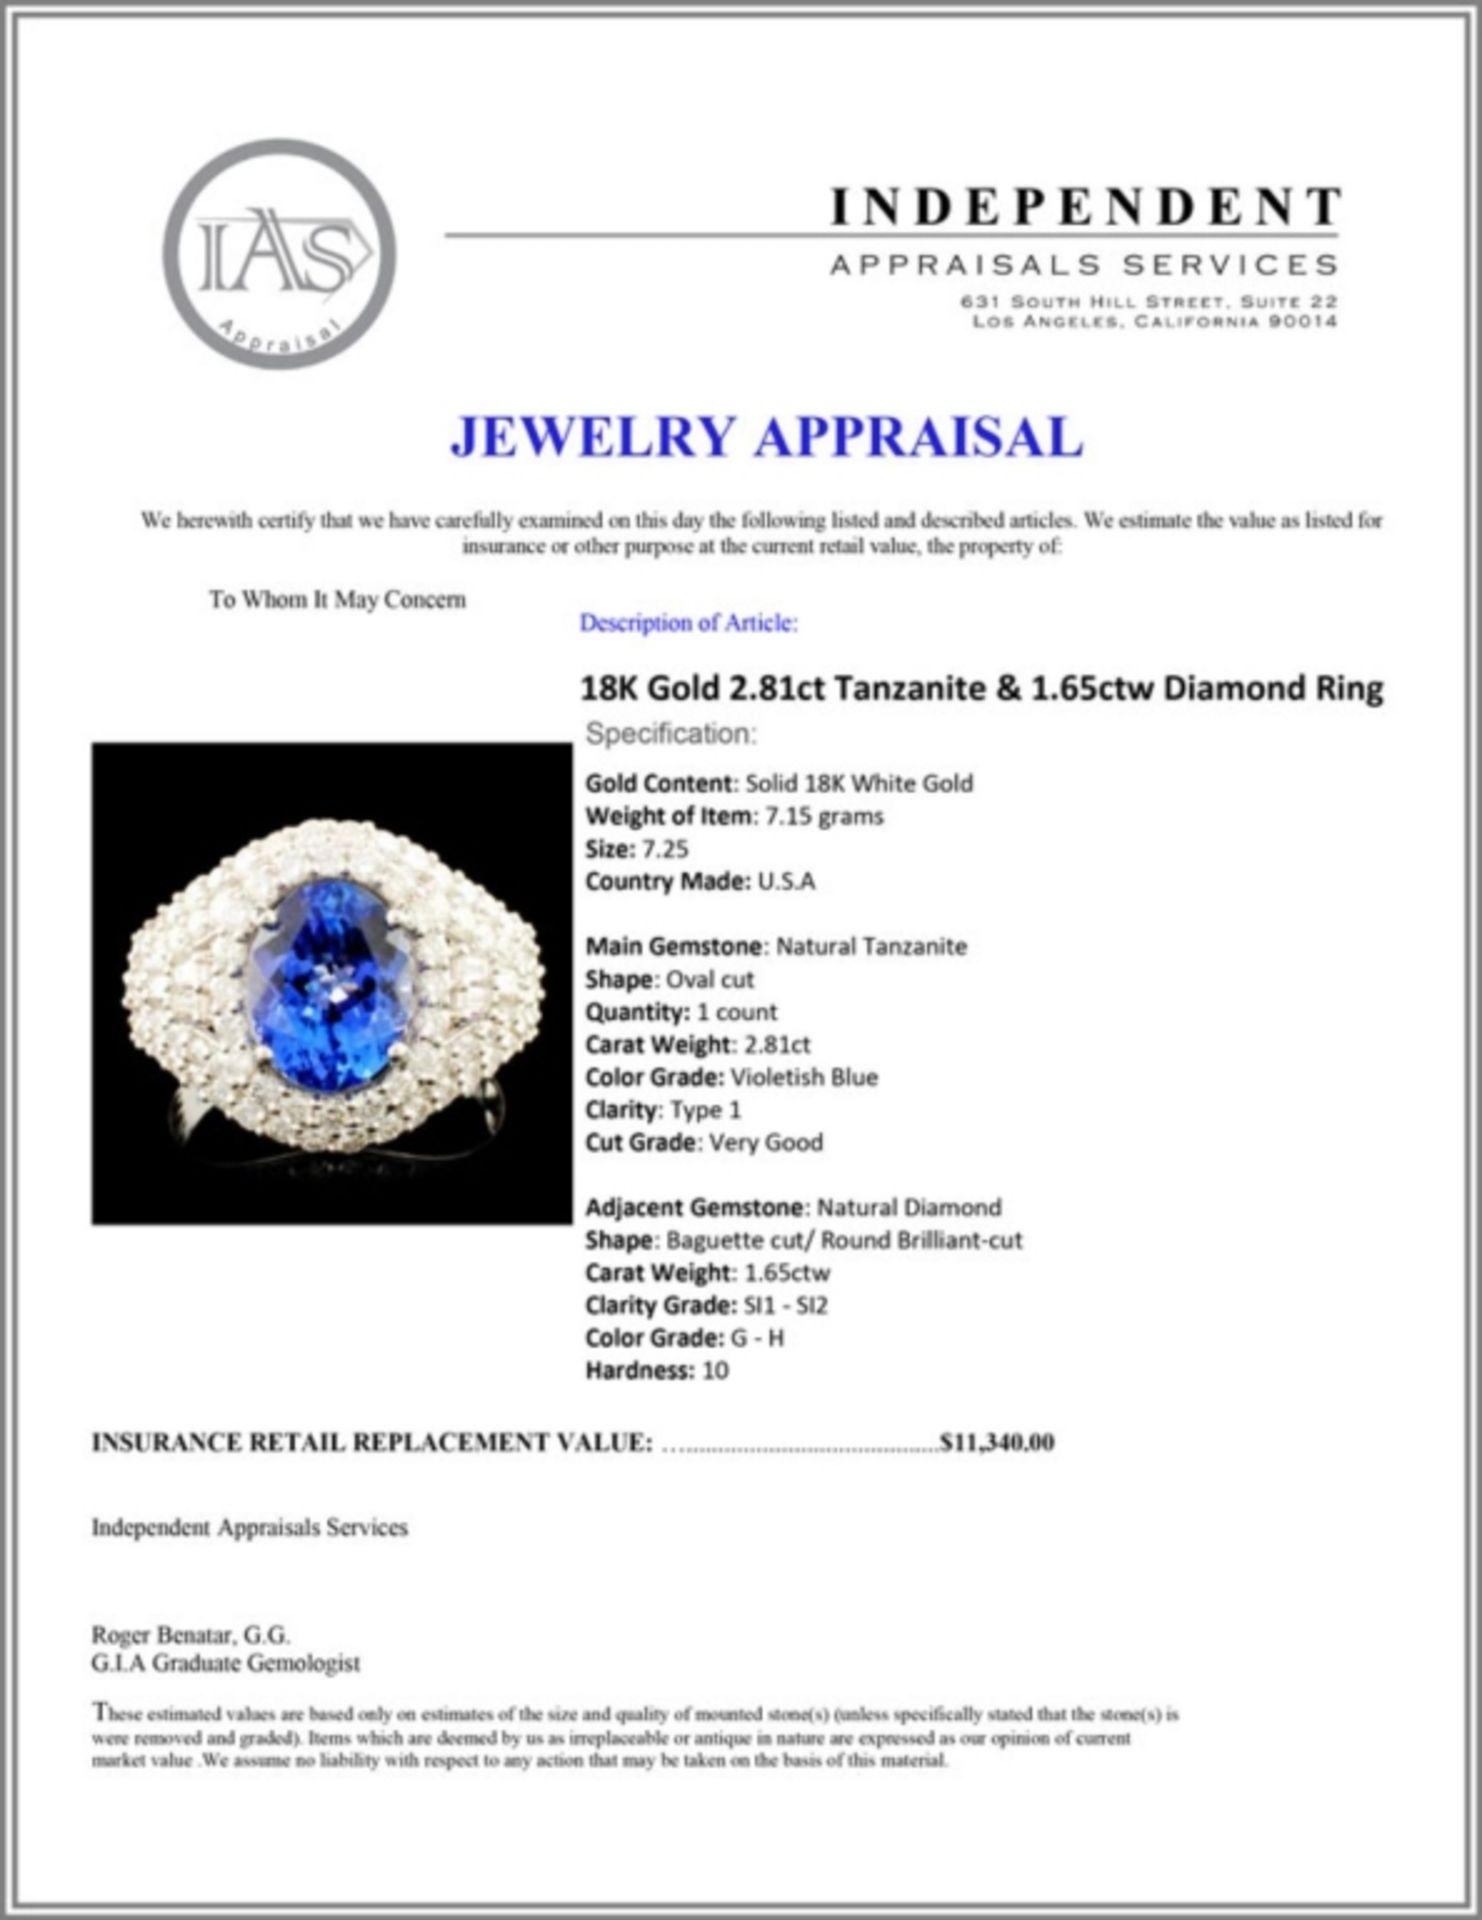 18K Gold 2.81ct Tanzanite & 1.65ctw Diamond Ring - Image 5 of 5